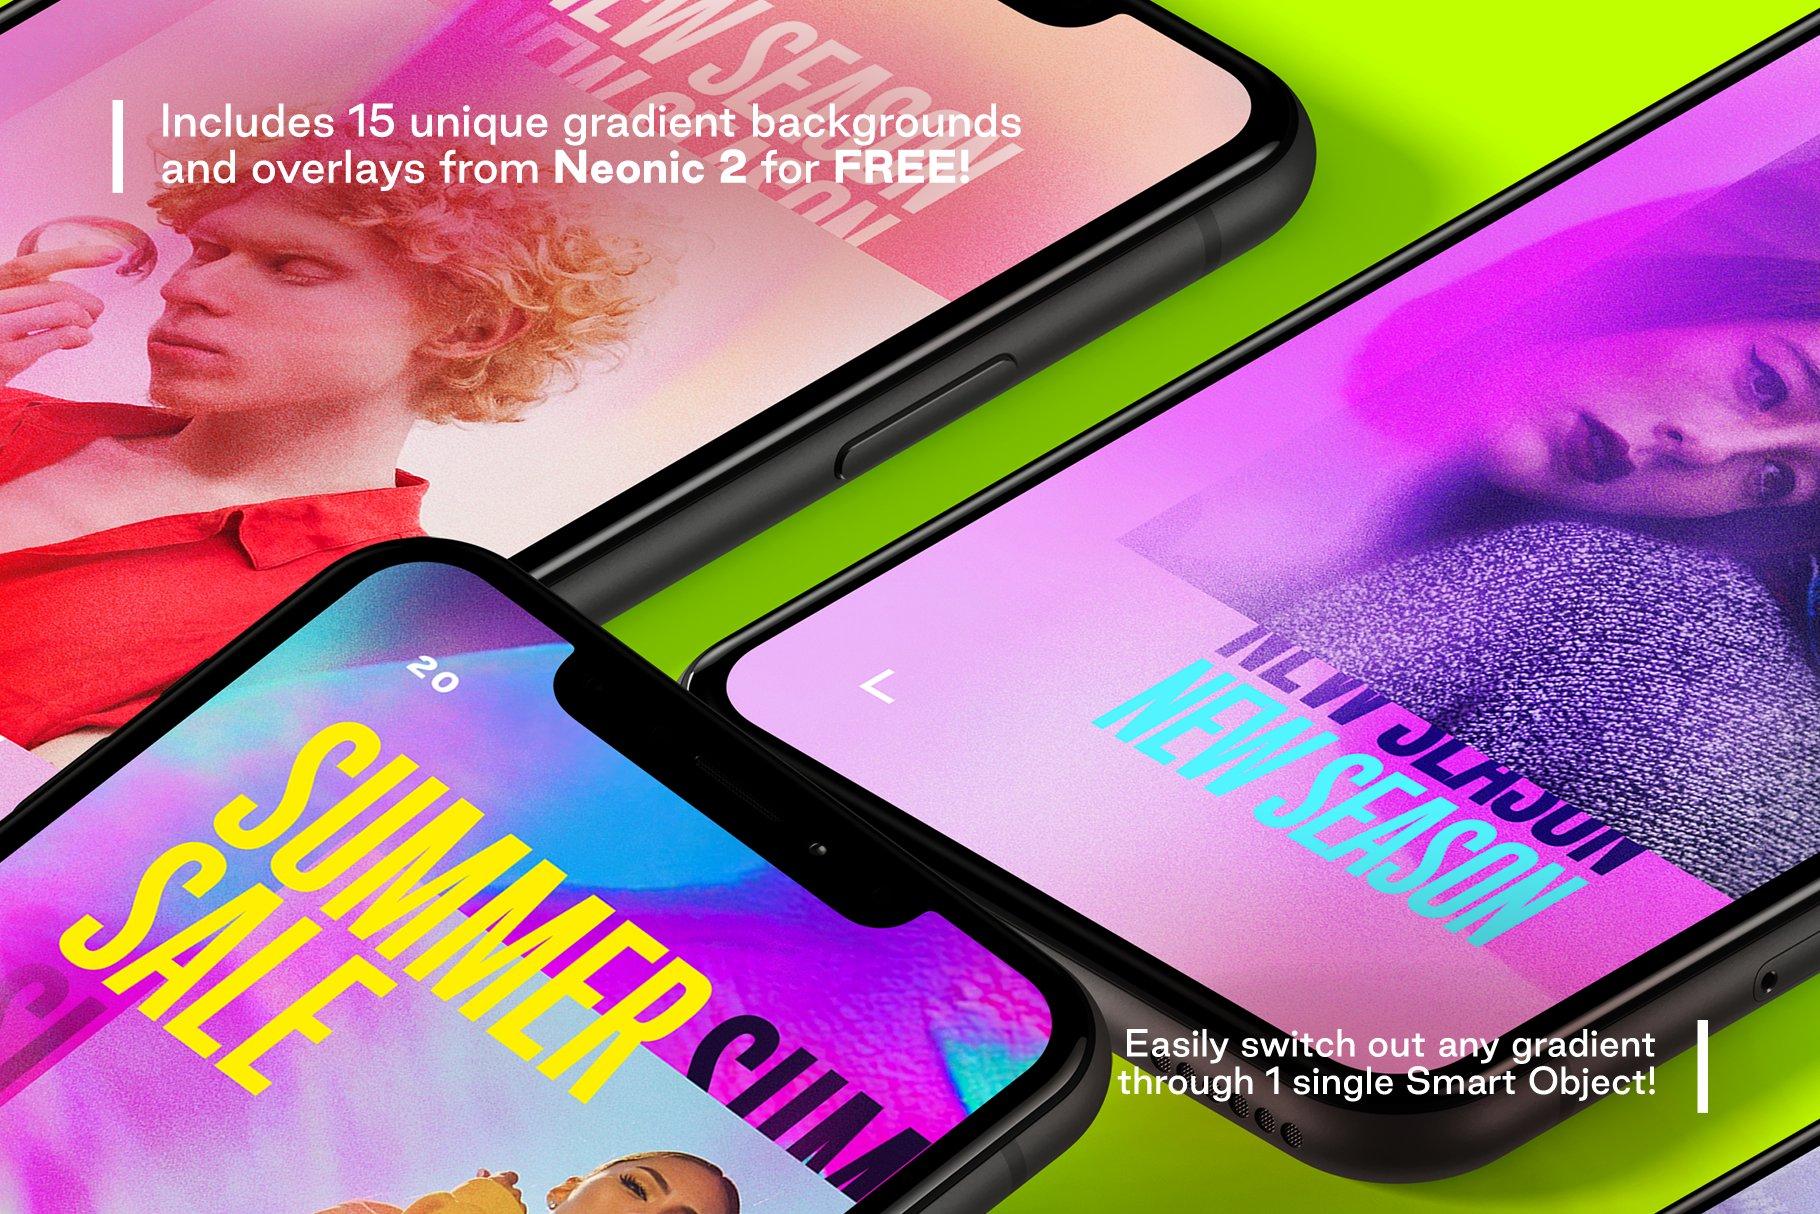 [单独购买] 潮流霓虹效果品牌推广新媒体电商海报设计模板PS素材 Neogram – Neon Instagram Stories插图3